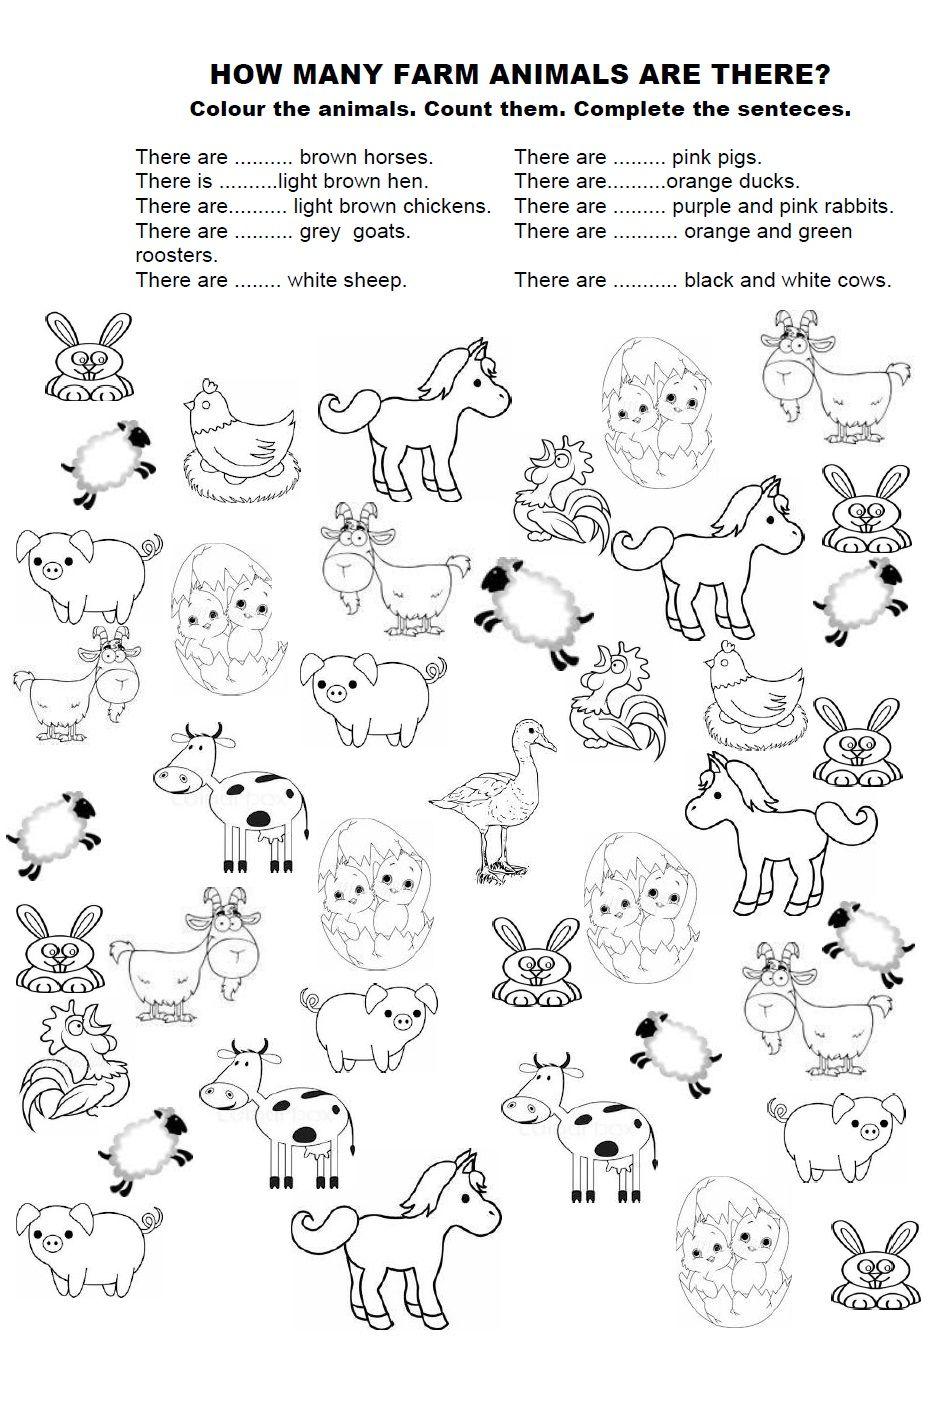 Animals Worksheet Google Sogning Ingles Para Preescolar Temas De Ingles Ingles Basico Para Ninos [ 1426 x 931 Pixel ]